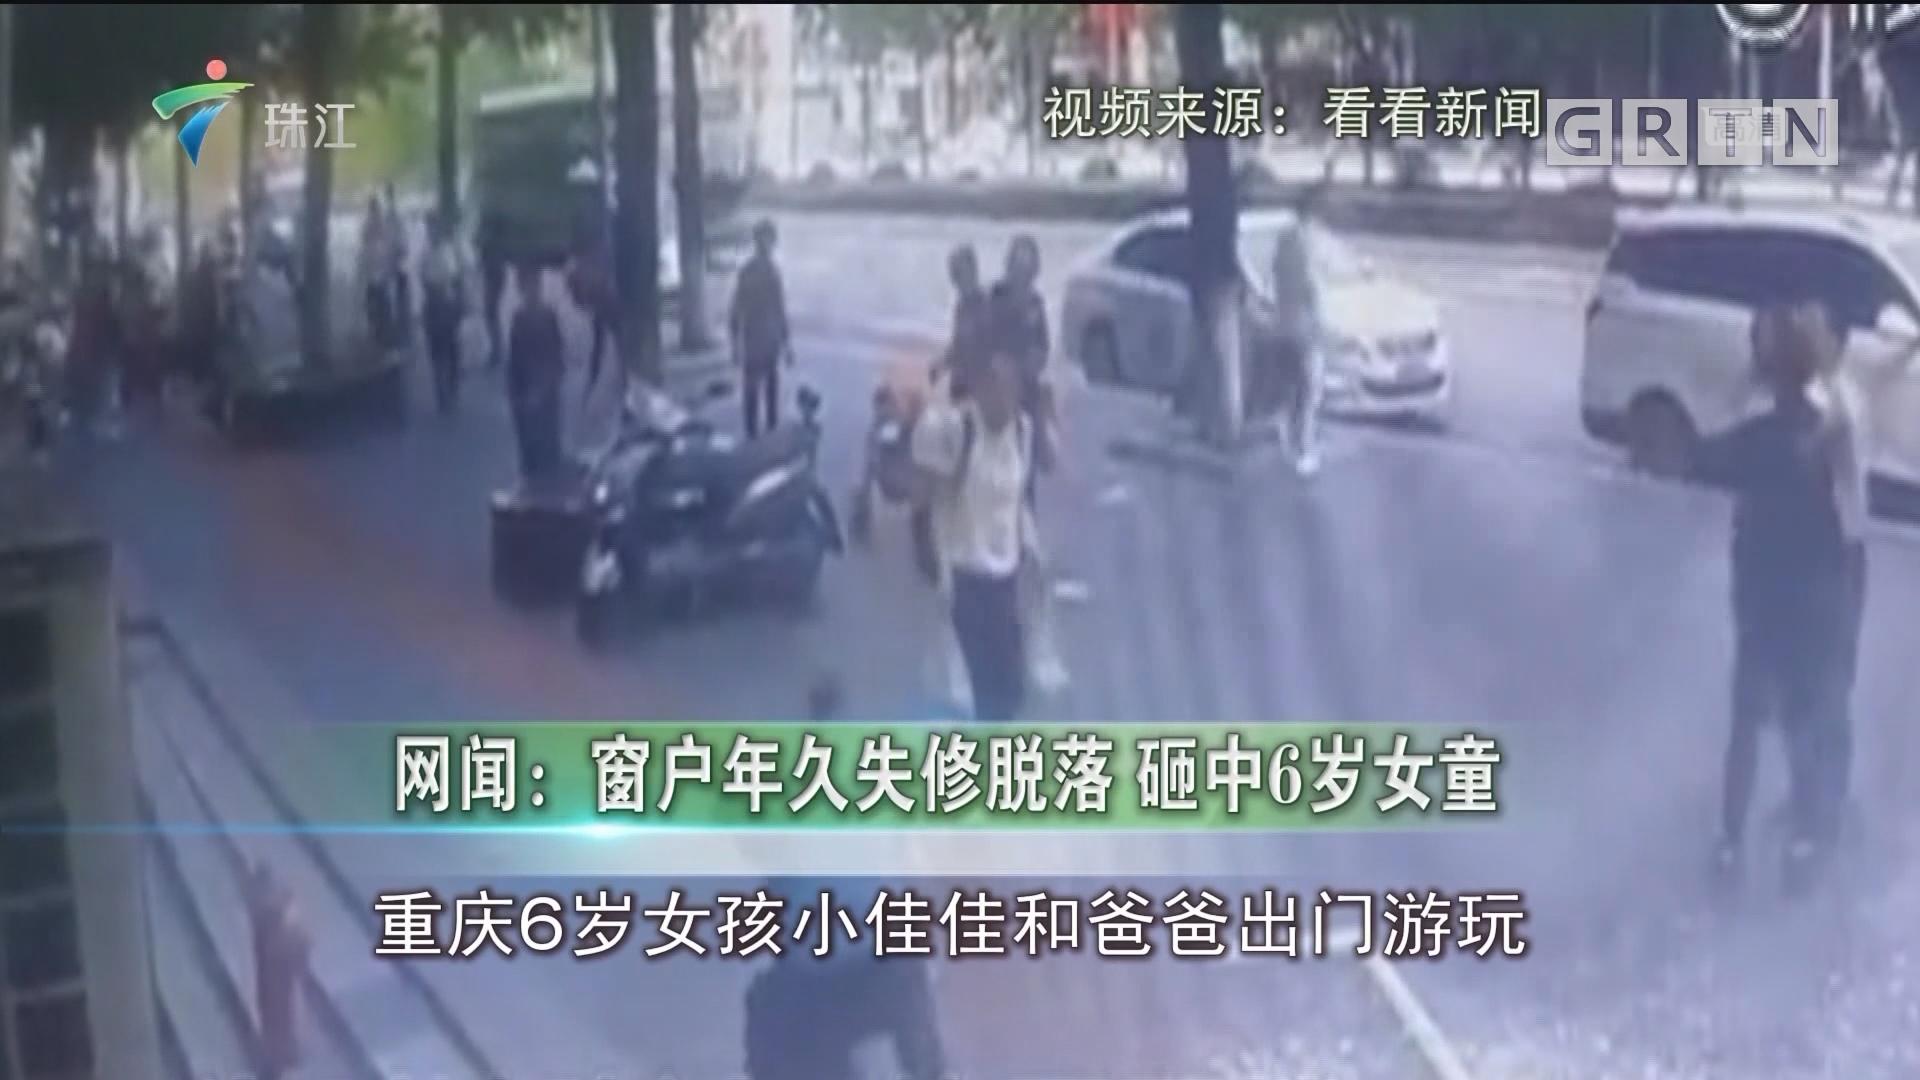 网闻:窗户年久失修脱落 砸中6岁女童